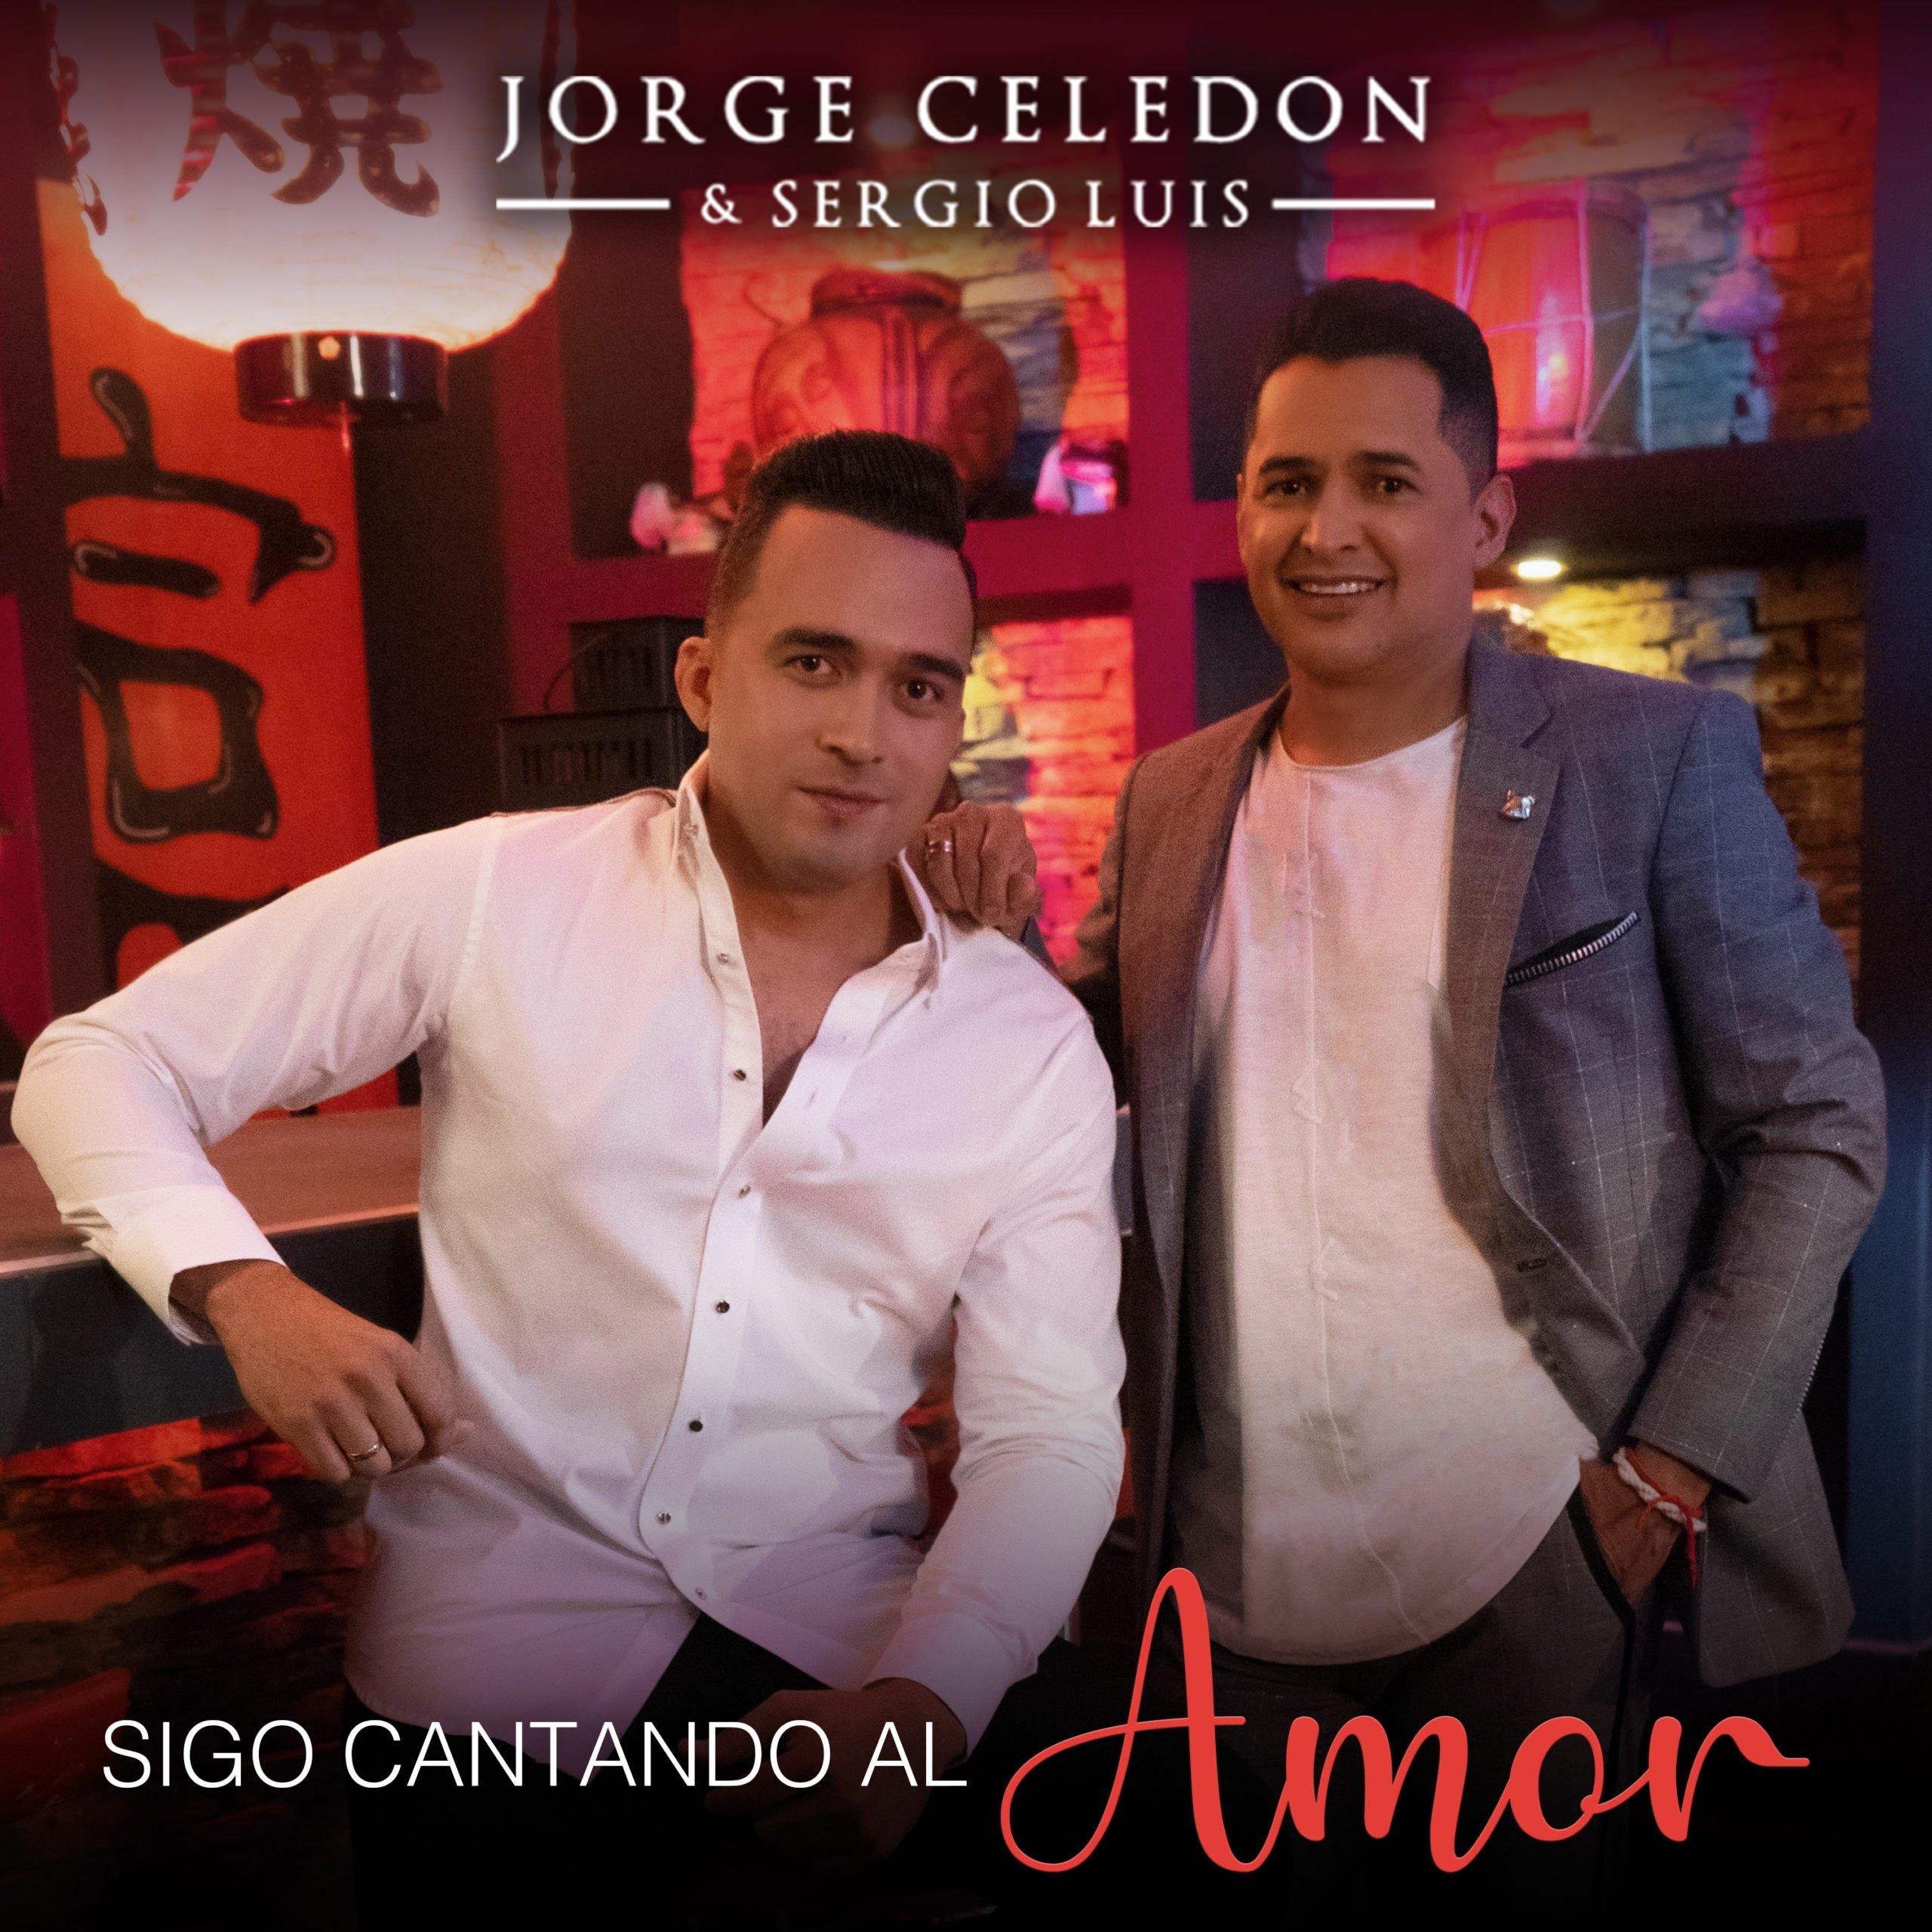 Jorge Celedón con nuevo disco